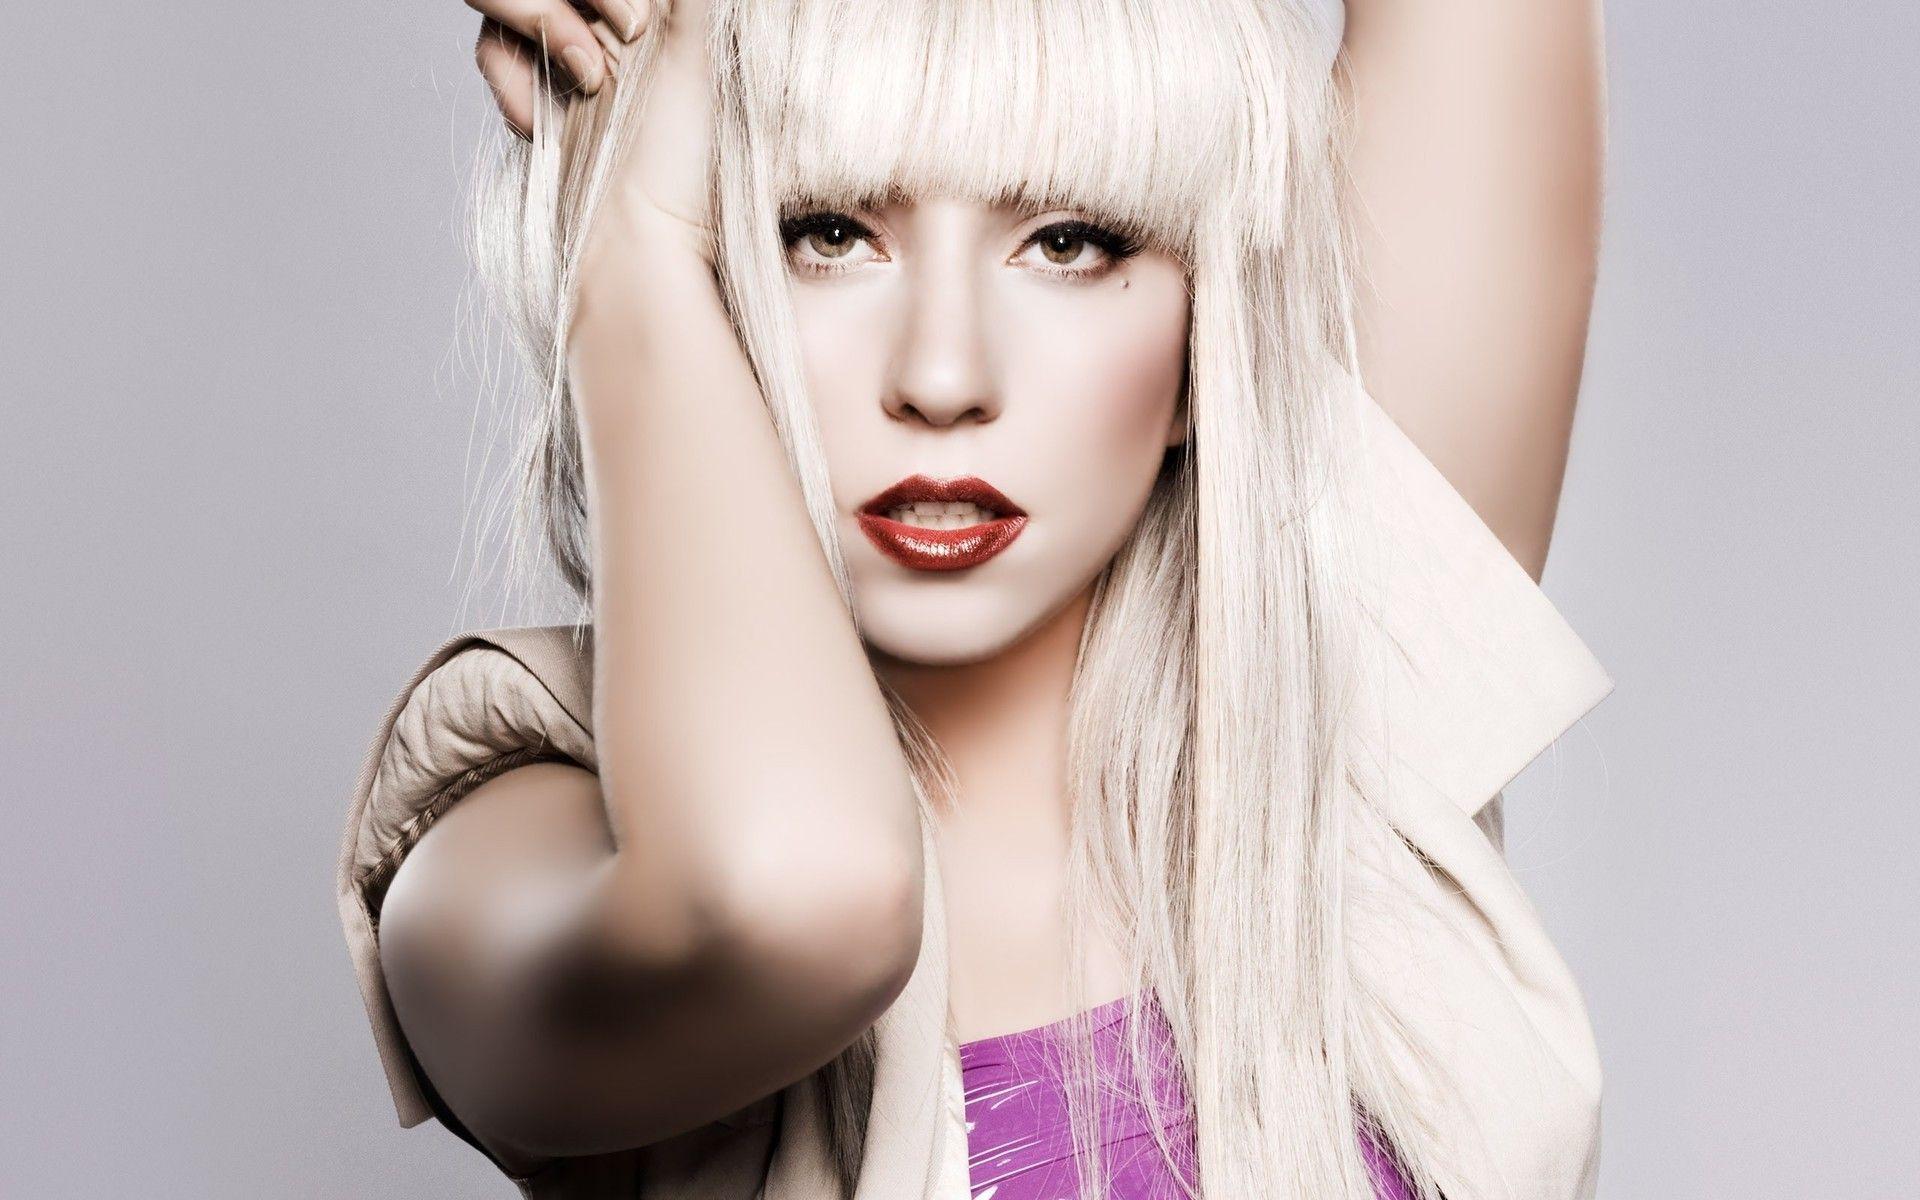 Lady Gaga Images